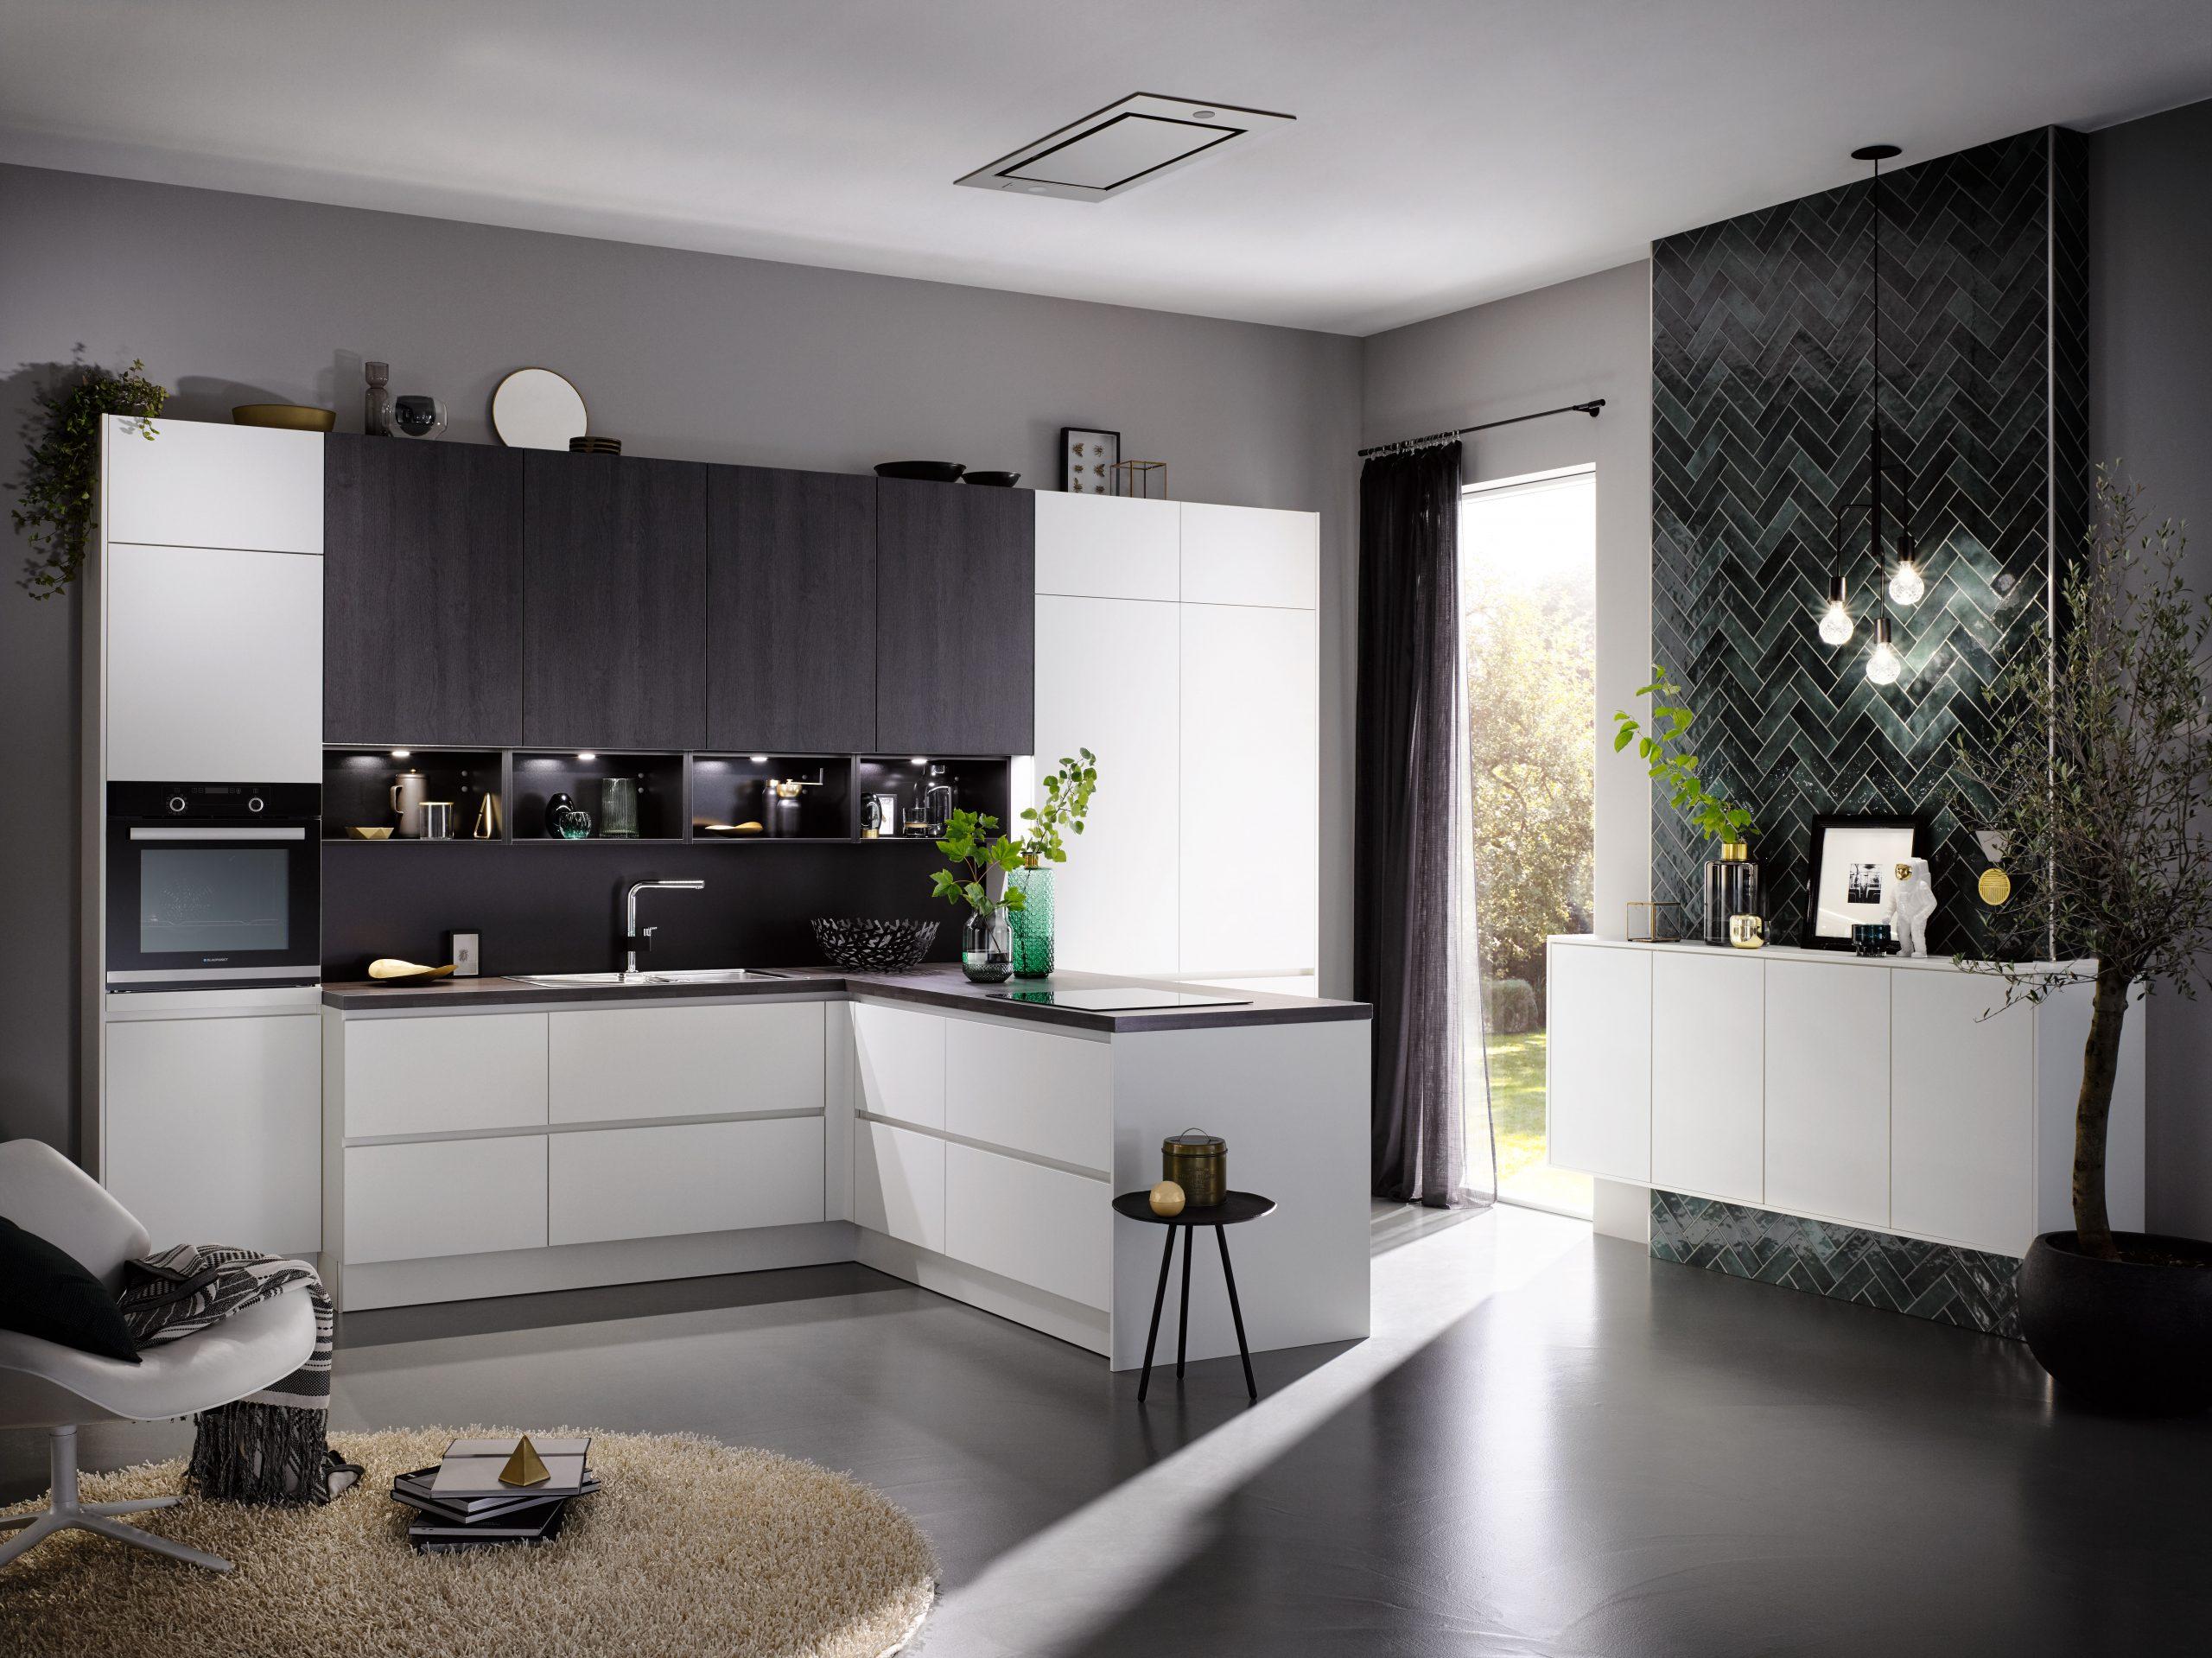 Full Size of Küchen Regal Bad Renovieren Ideen Wohnzimmer Tapeten Wohnzimmer Küchen Ideen